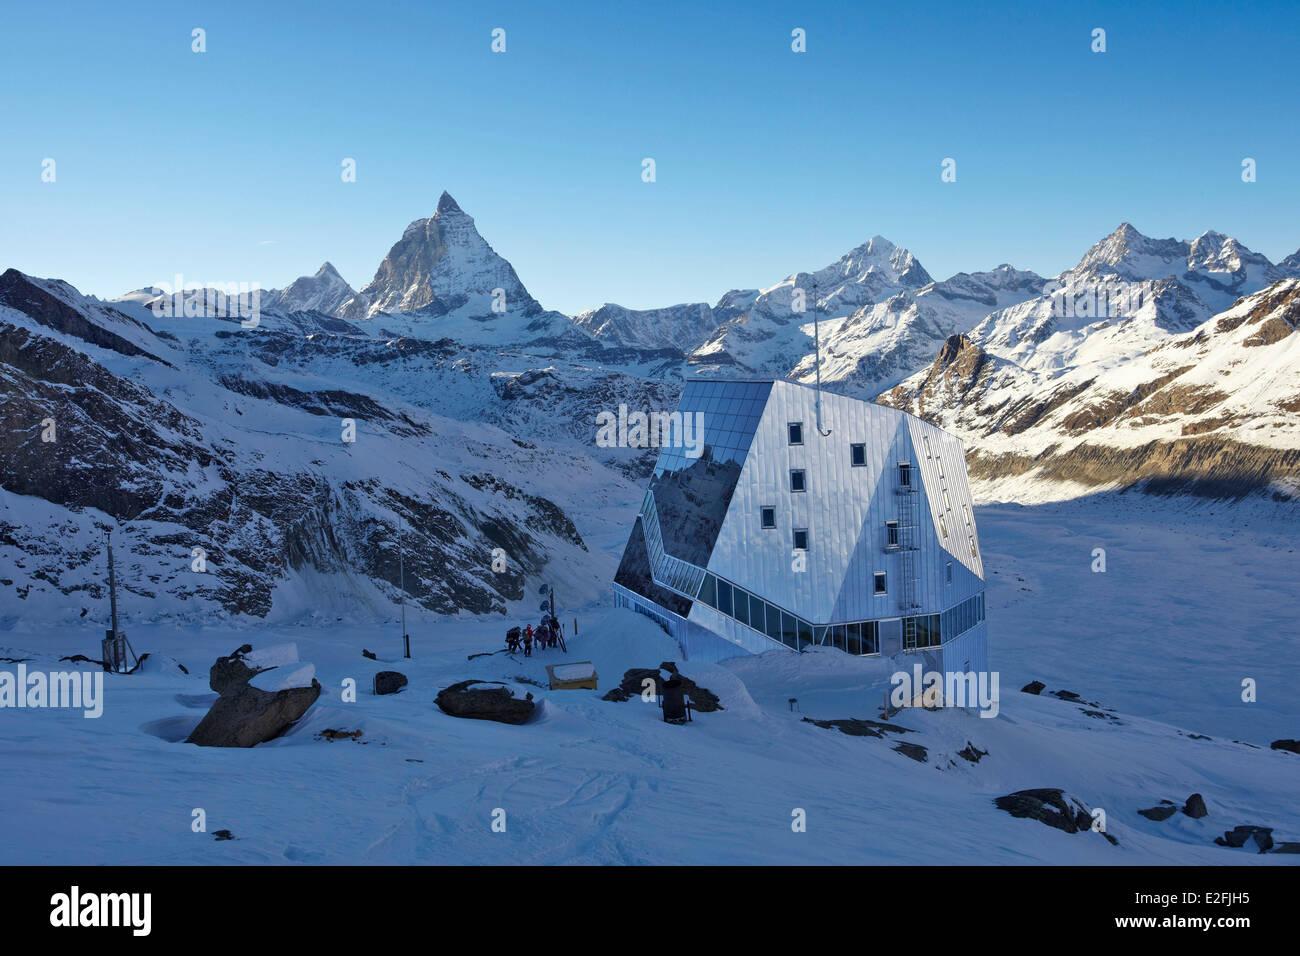 schweiz kanton wallis zermatt matterhorn 4478m und monte rosa h tte stockfoto bild. Black Bedroom Furniture Sets. Home Design Ideas